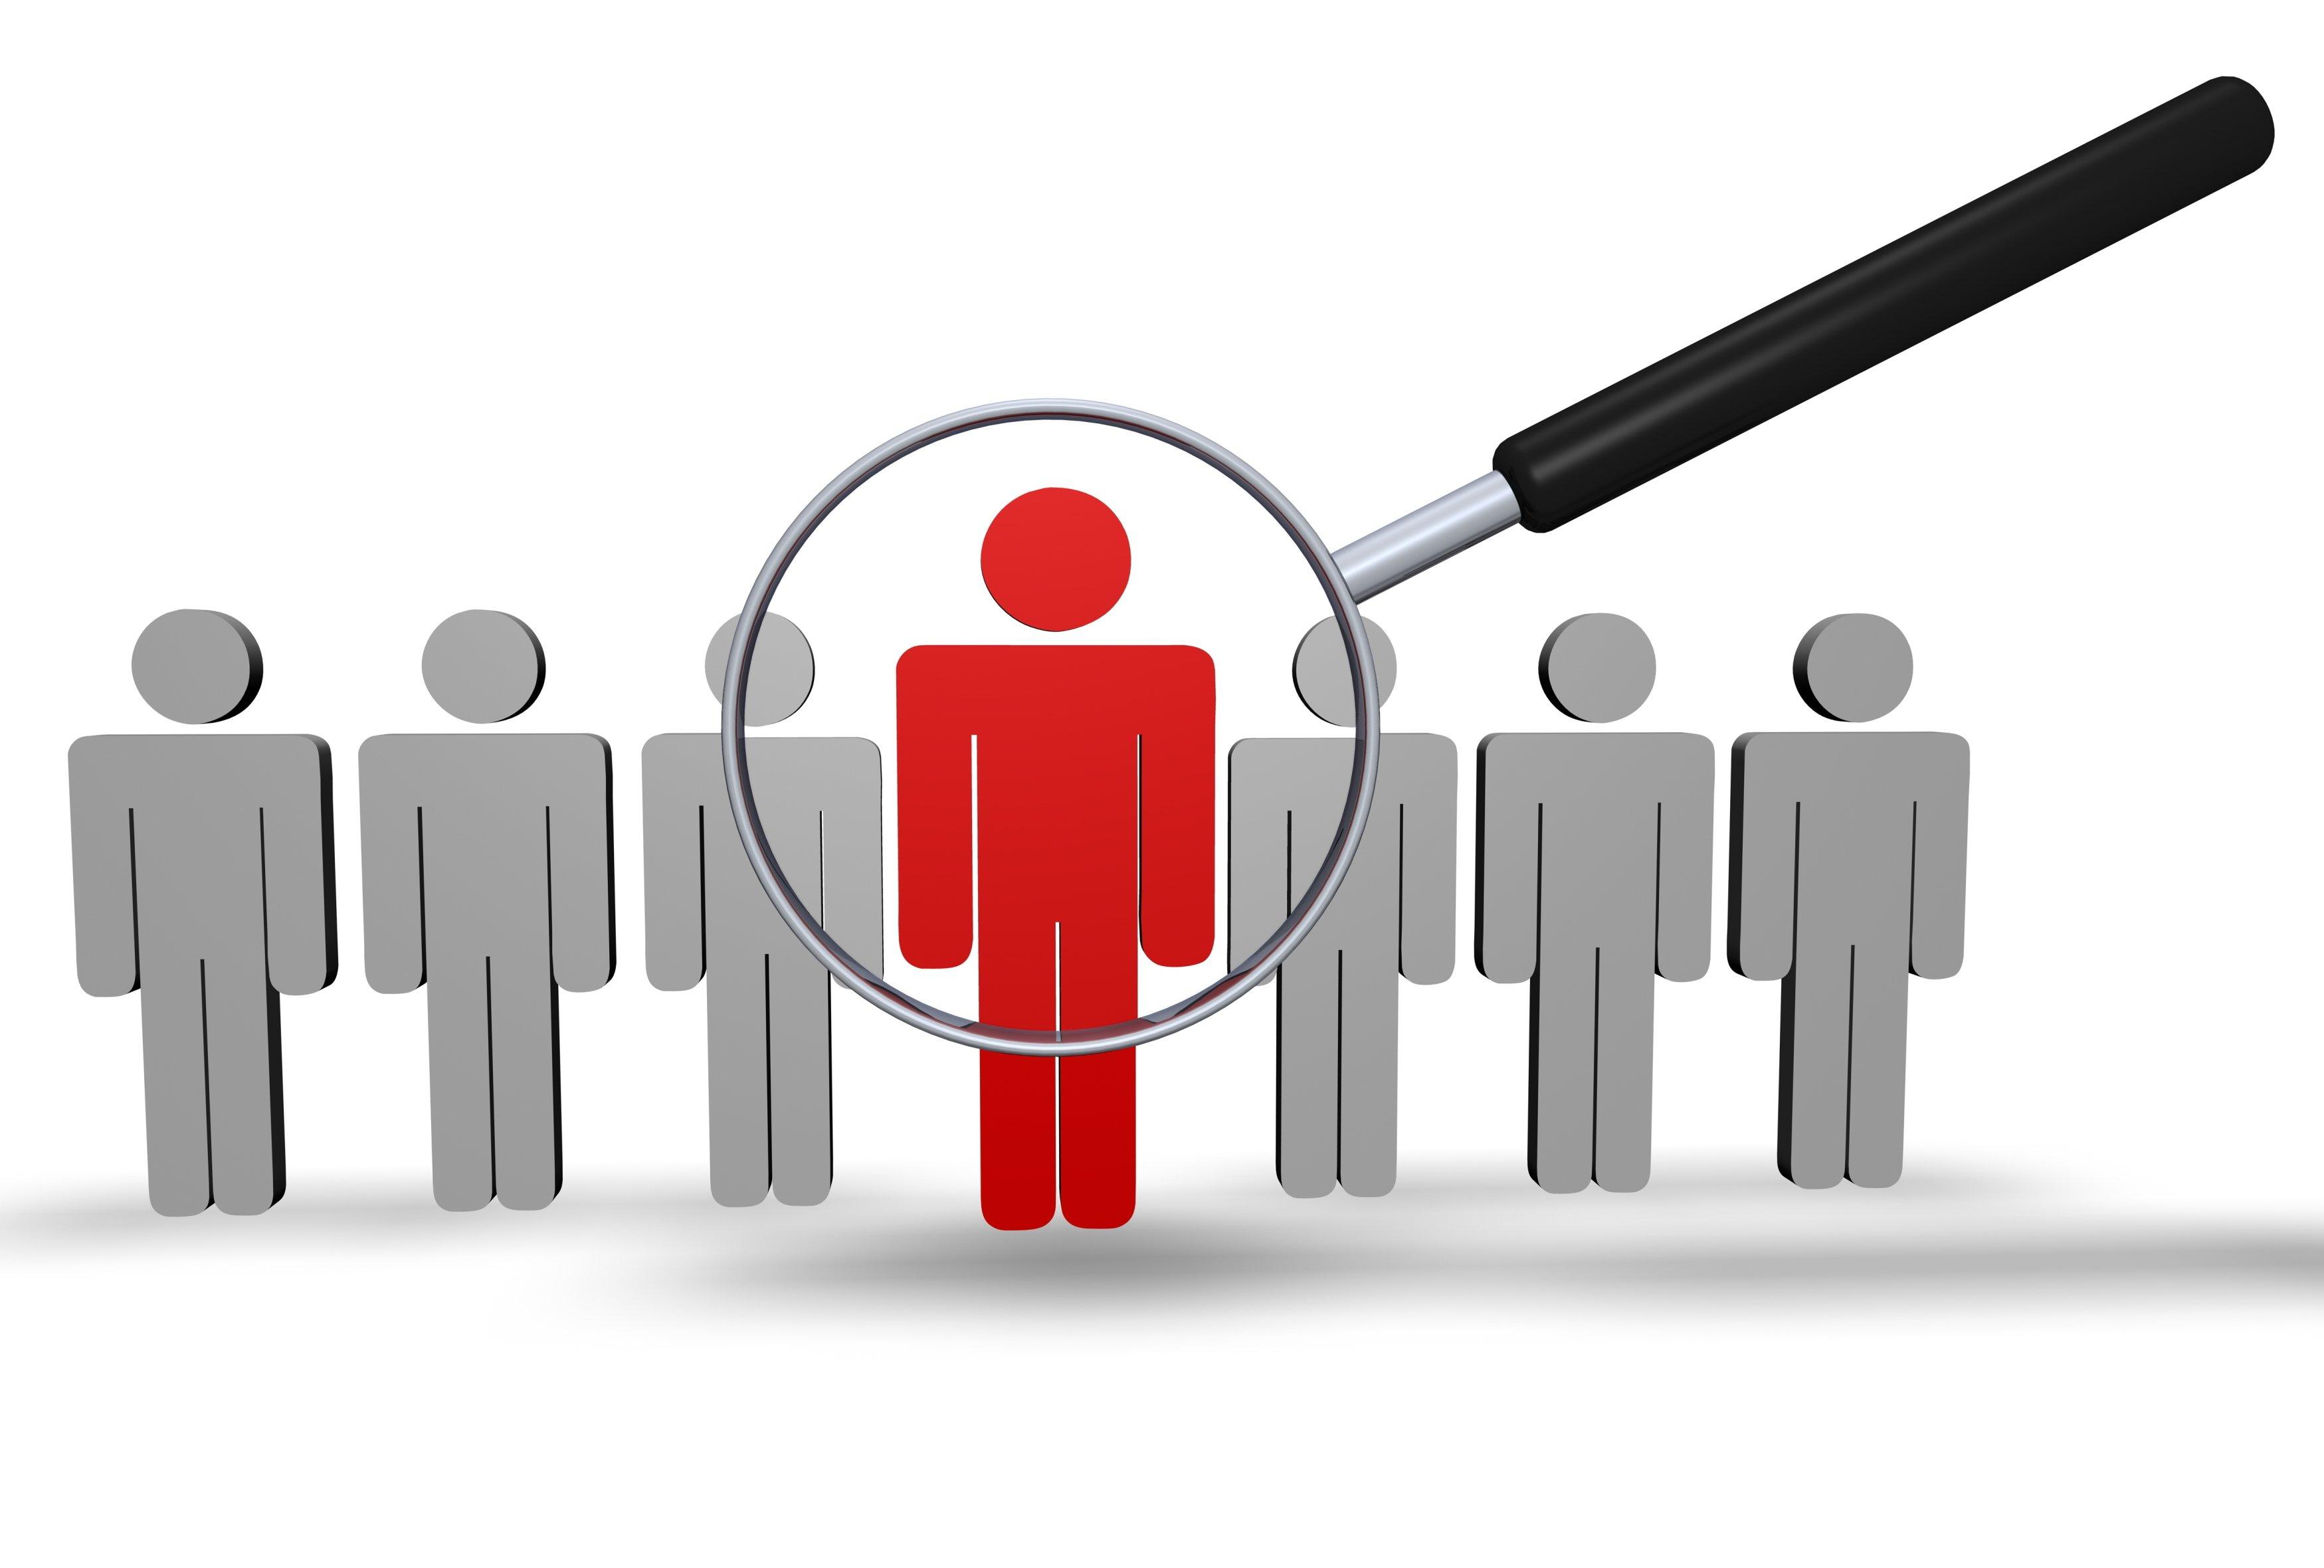 استخدام کارشناس بازرگانی خانم در شرکت ستاره آبی دریای خروشان